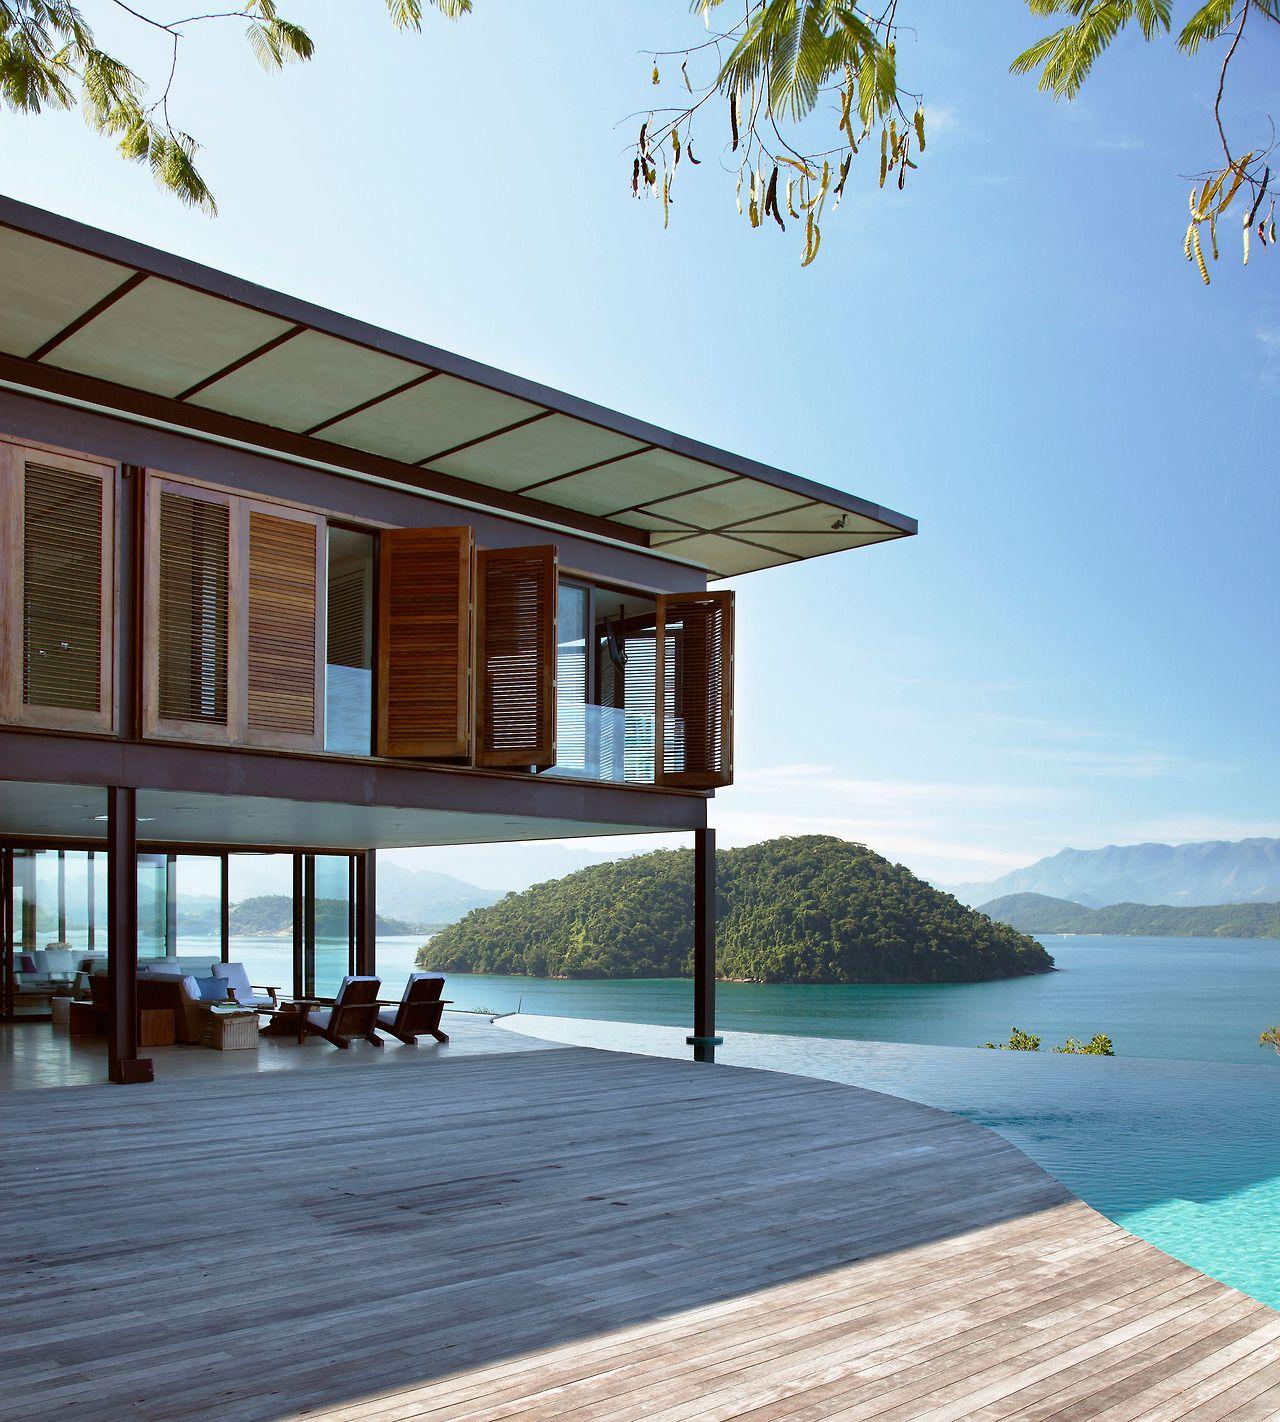 Thiago bernardes progetti architettonici architettura for Case bellissime esterni